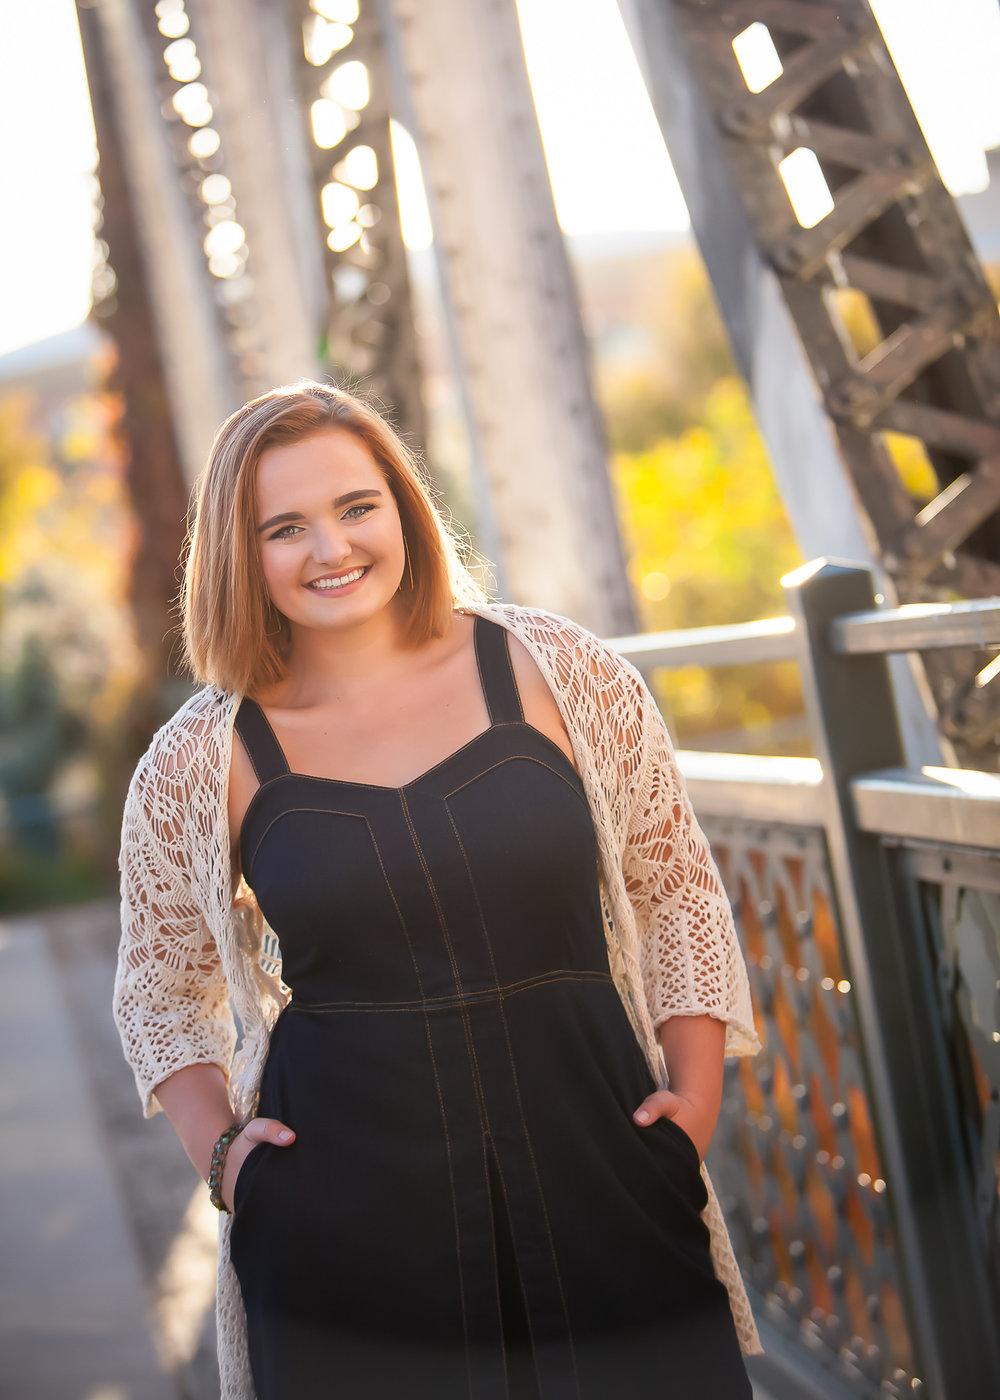 Senior Girl Photo Session at vintage bridge in Denver, autumn sunlight, with photographer Jennifer Koskinen, Merritt Portrait Studio